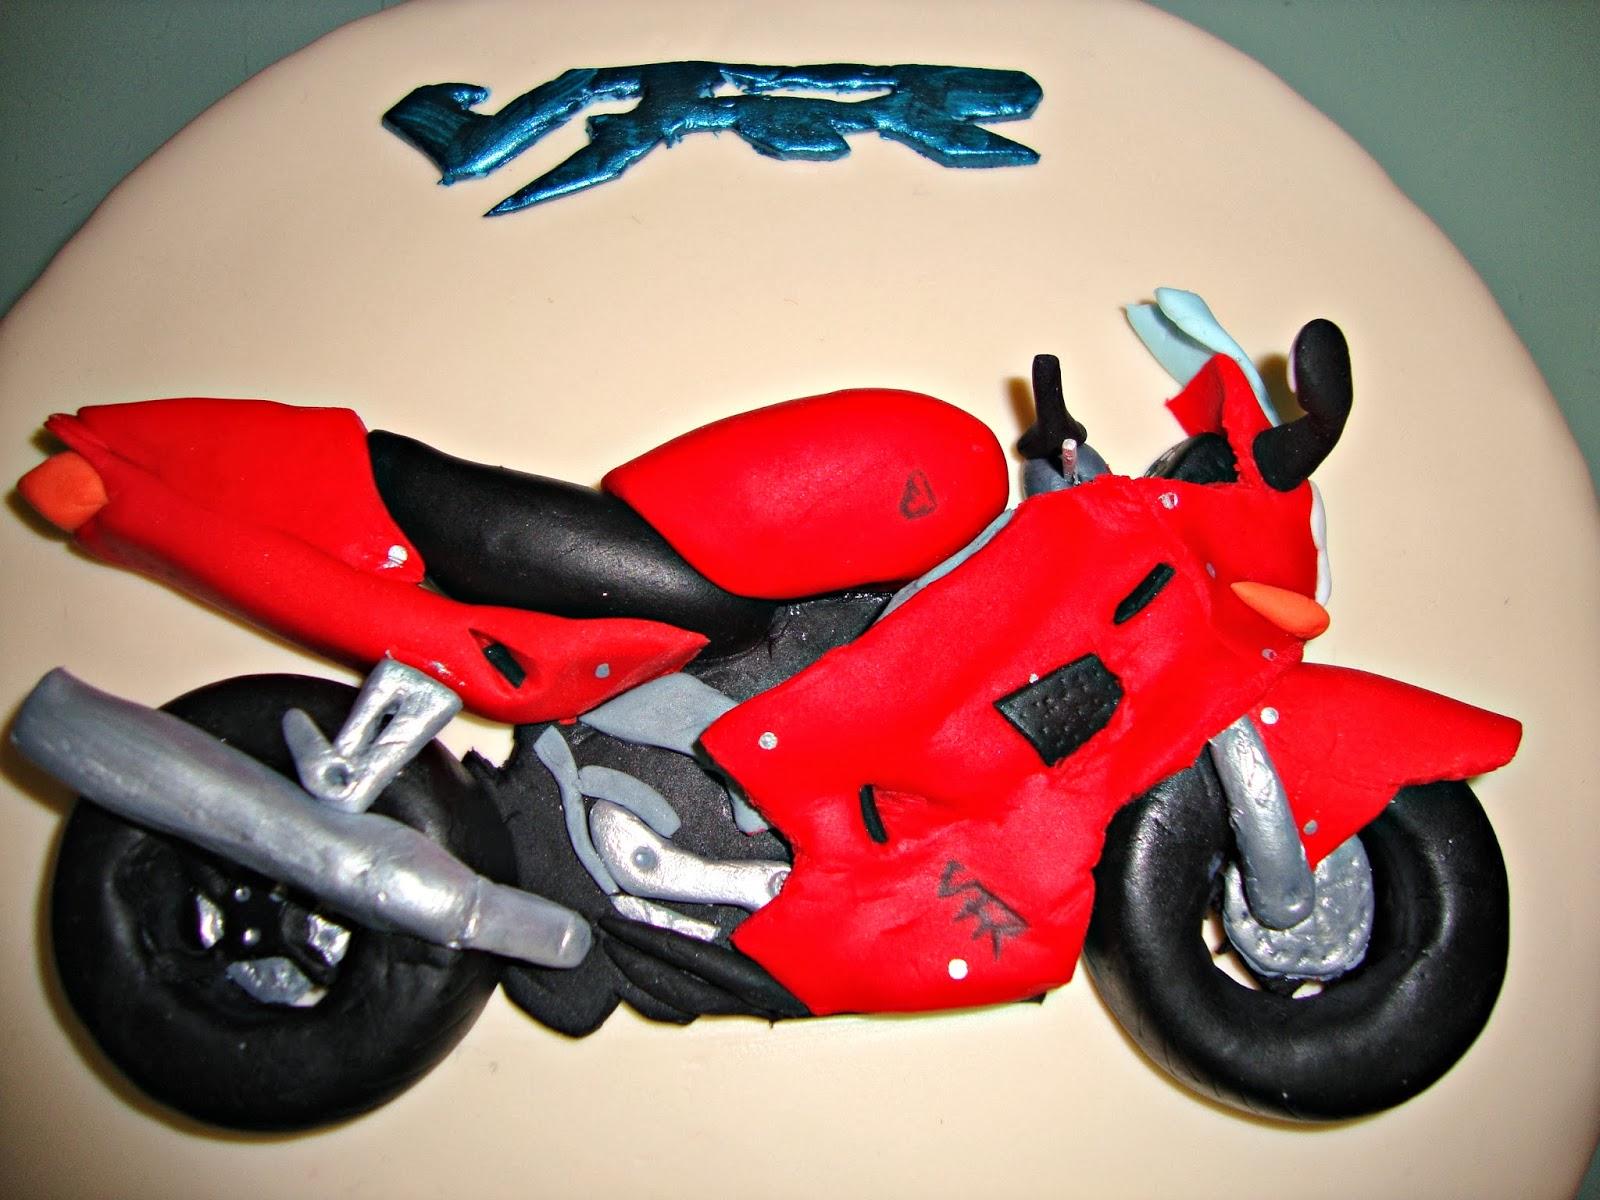 Tarta moto Honda VFR